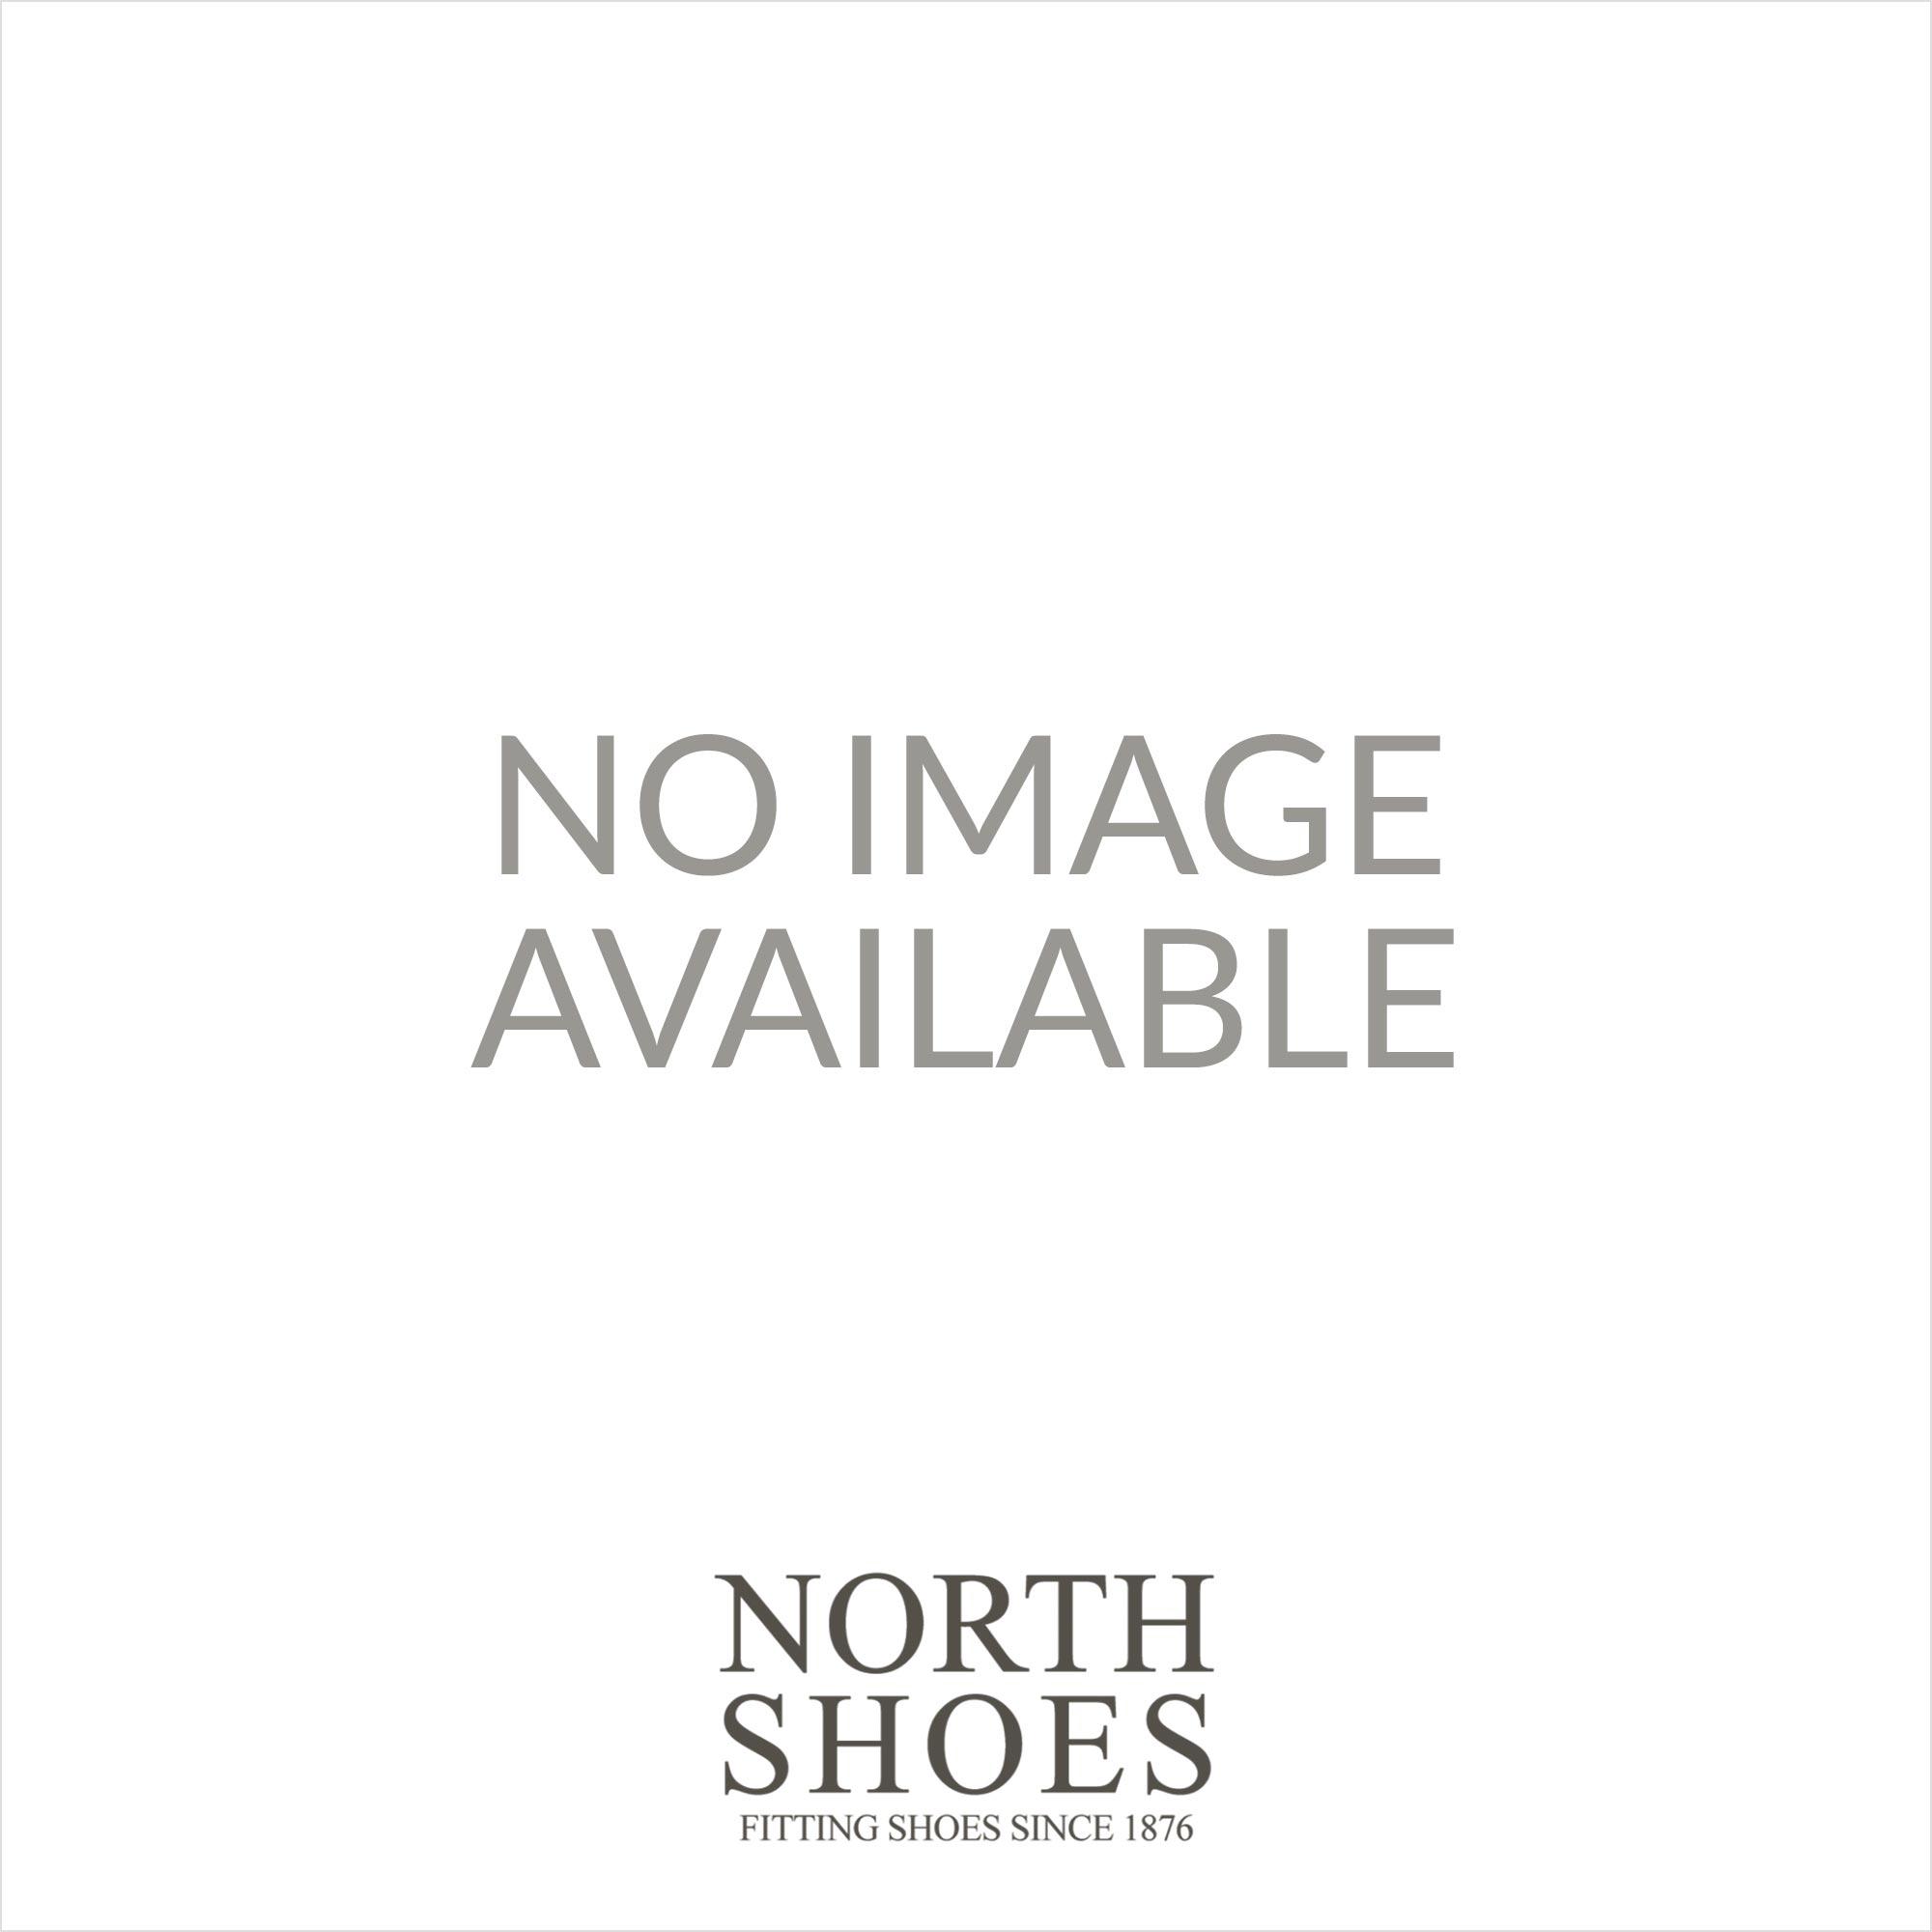 CONVERSE 3J237c Navy Canvas Unisex Lace Up Shoe